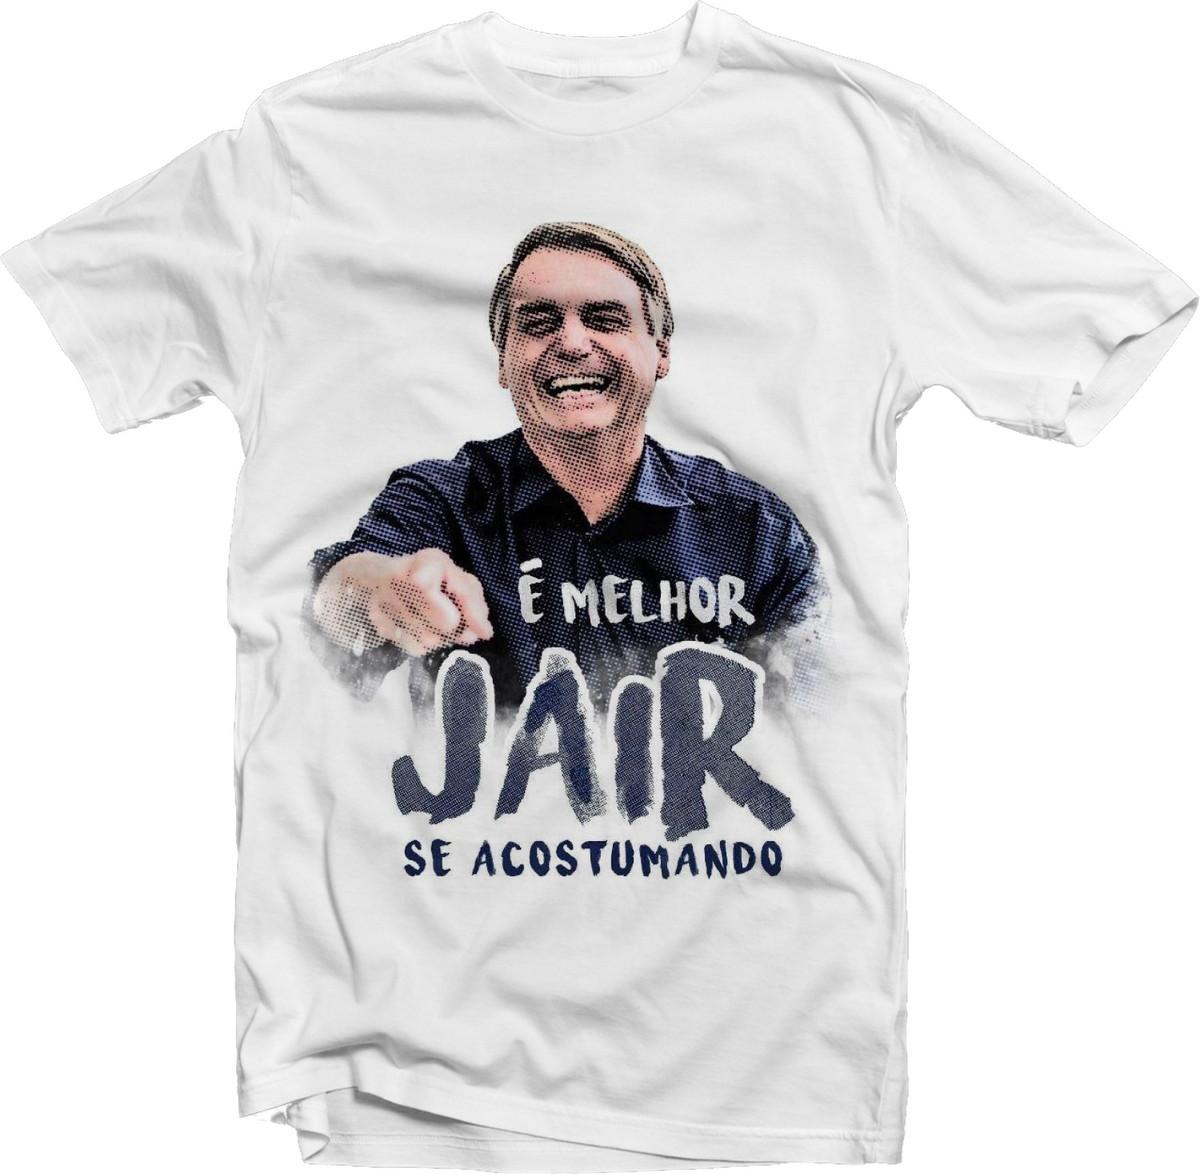 68dee32757 Camiseta Jair Bolsonaro É Melhor Jair se Acostumando Branca no Elo7 ...